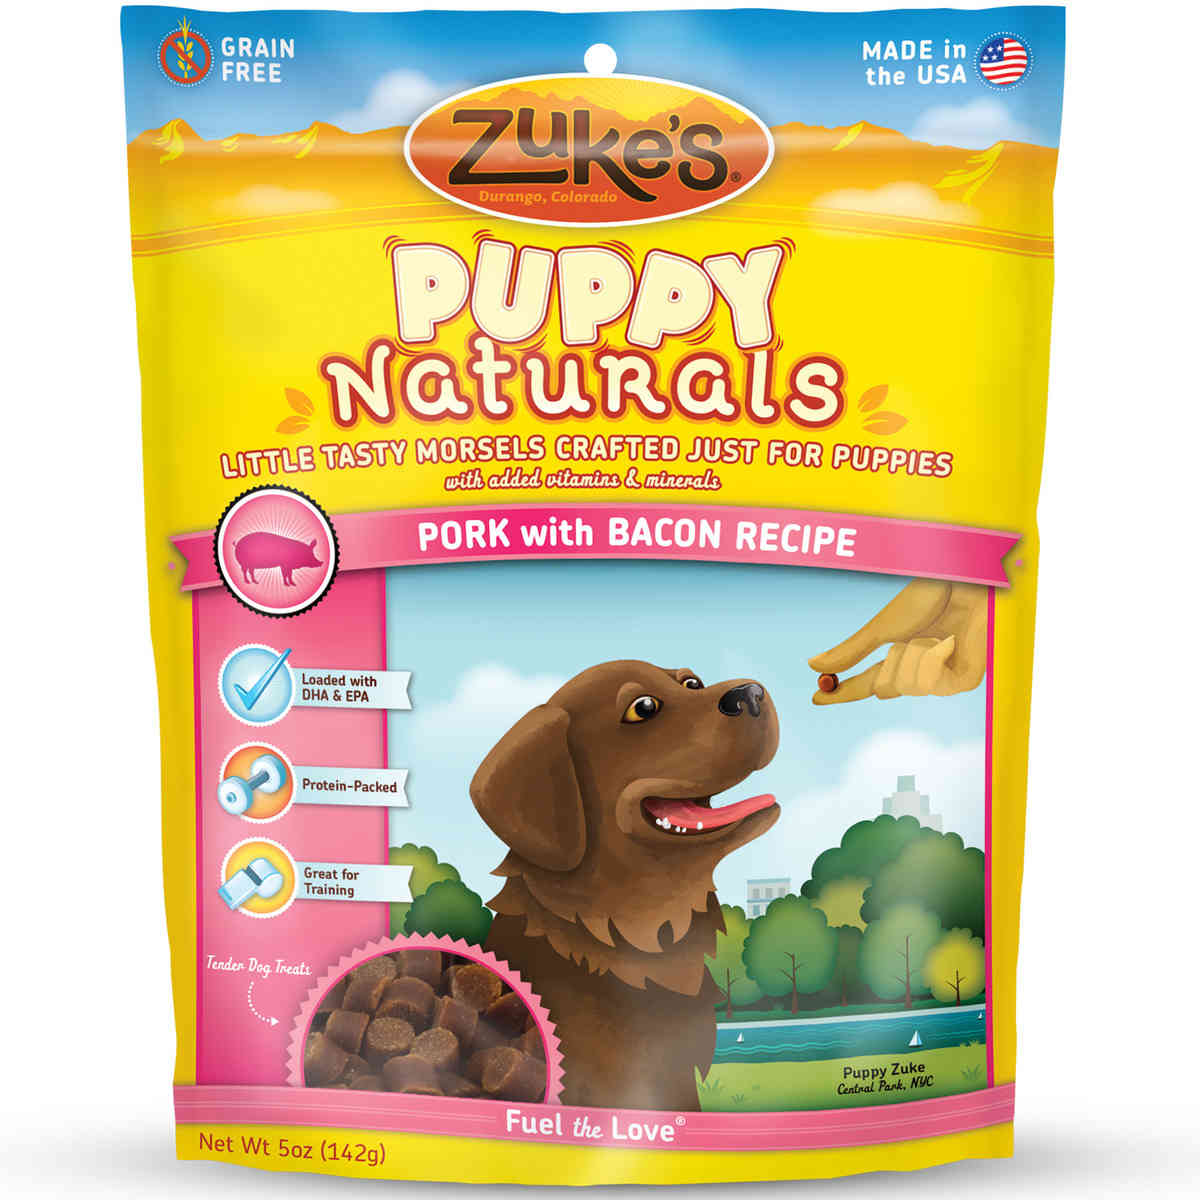 Zuke's Puppy Naturals Pork with Bacon 5 oz.